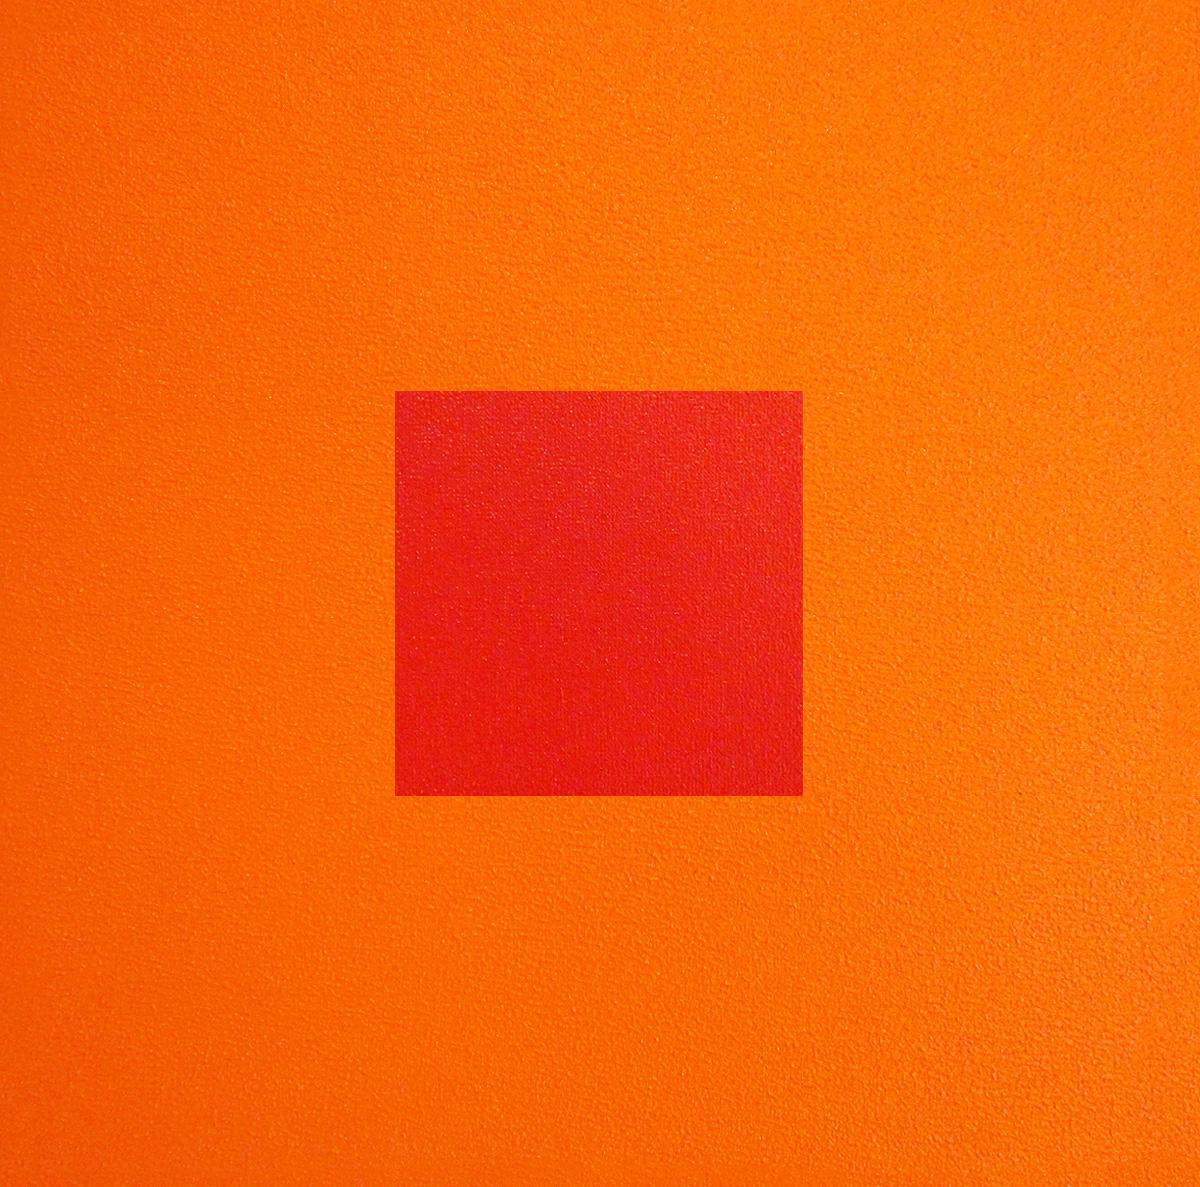 peinture-minimal-space-11.1